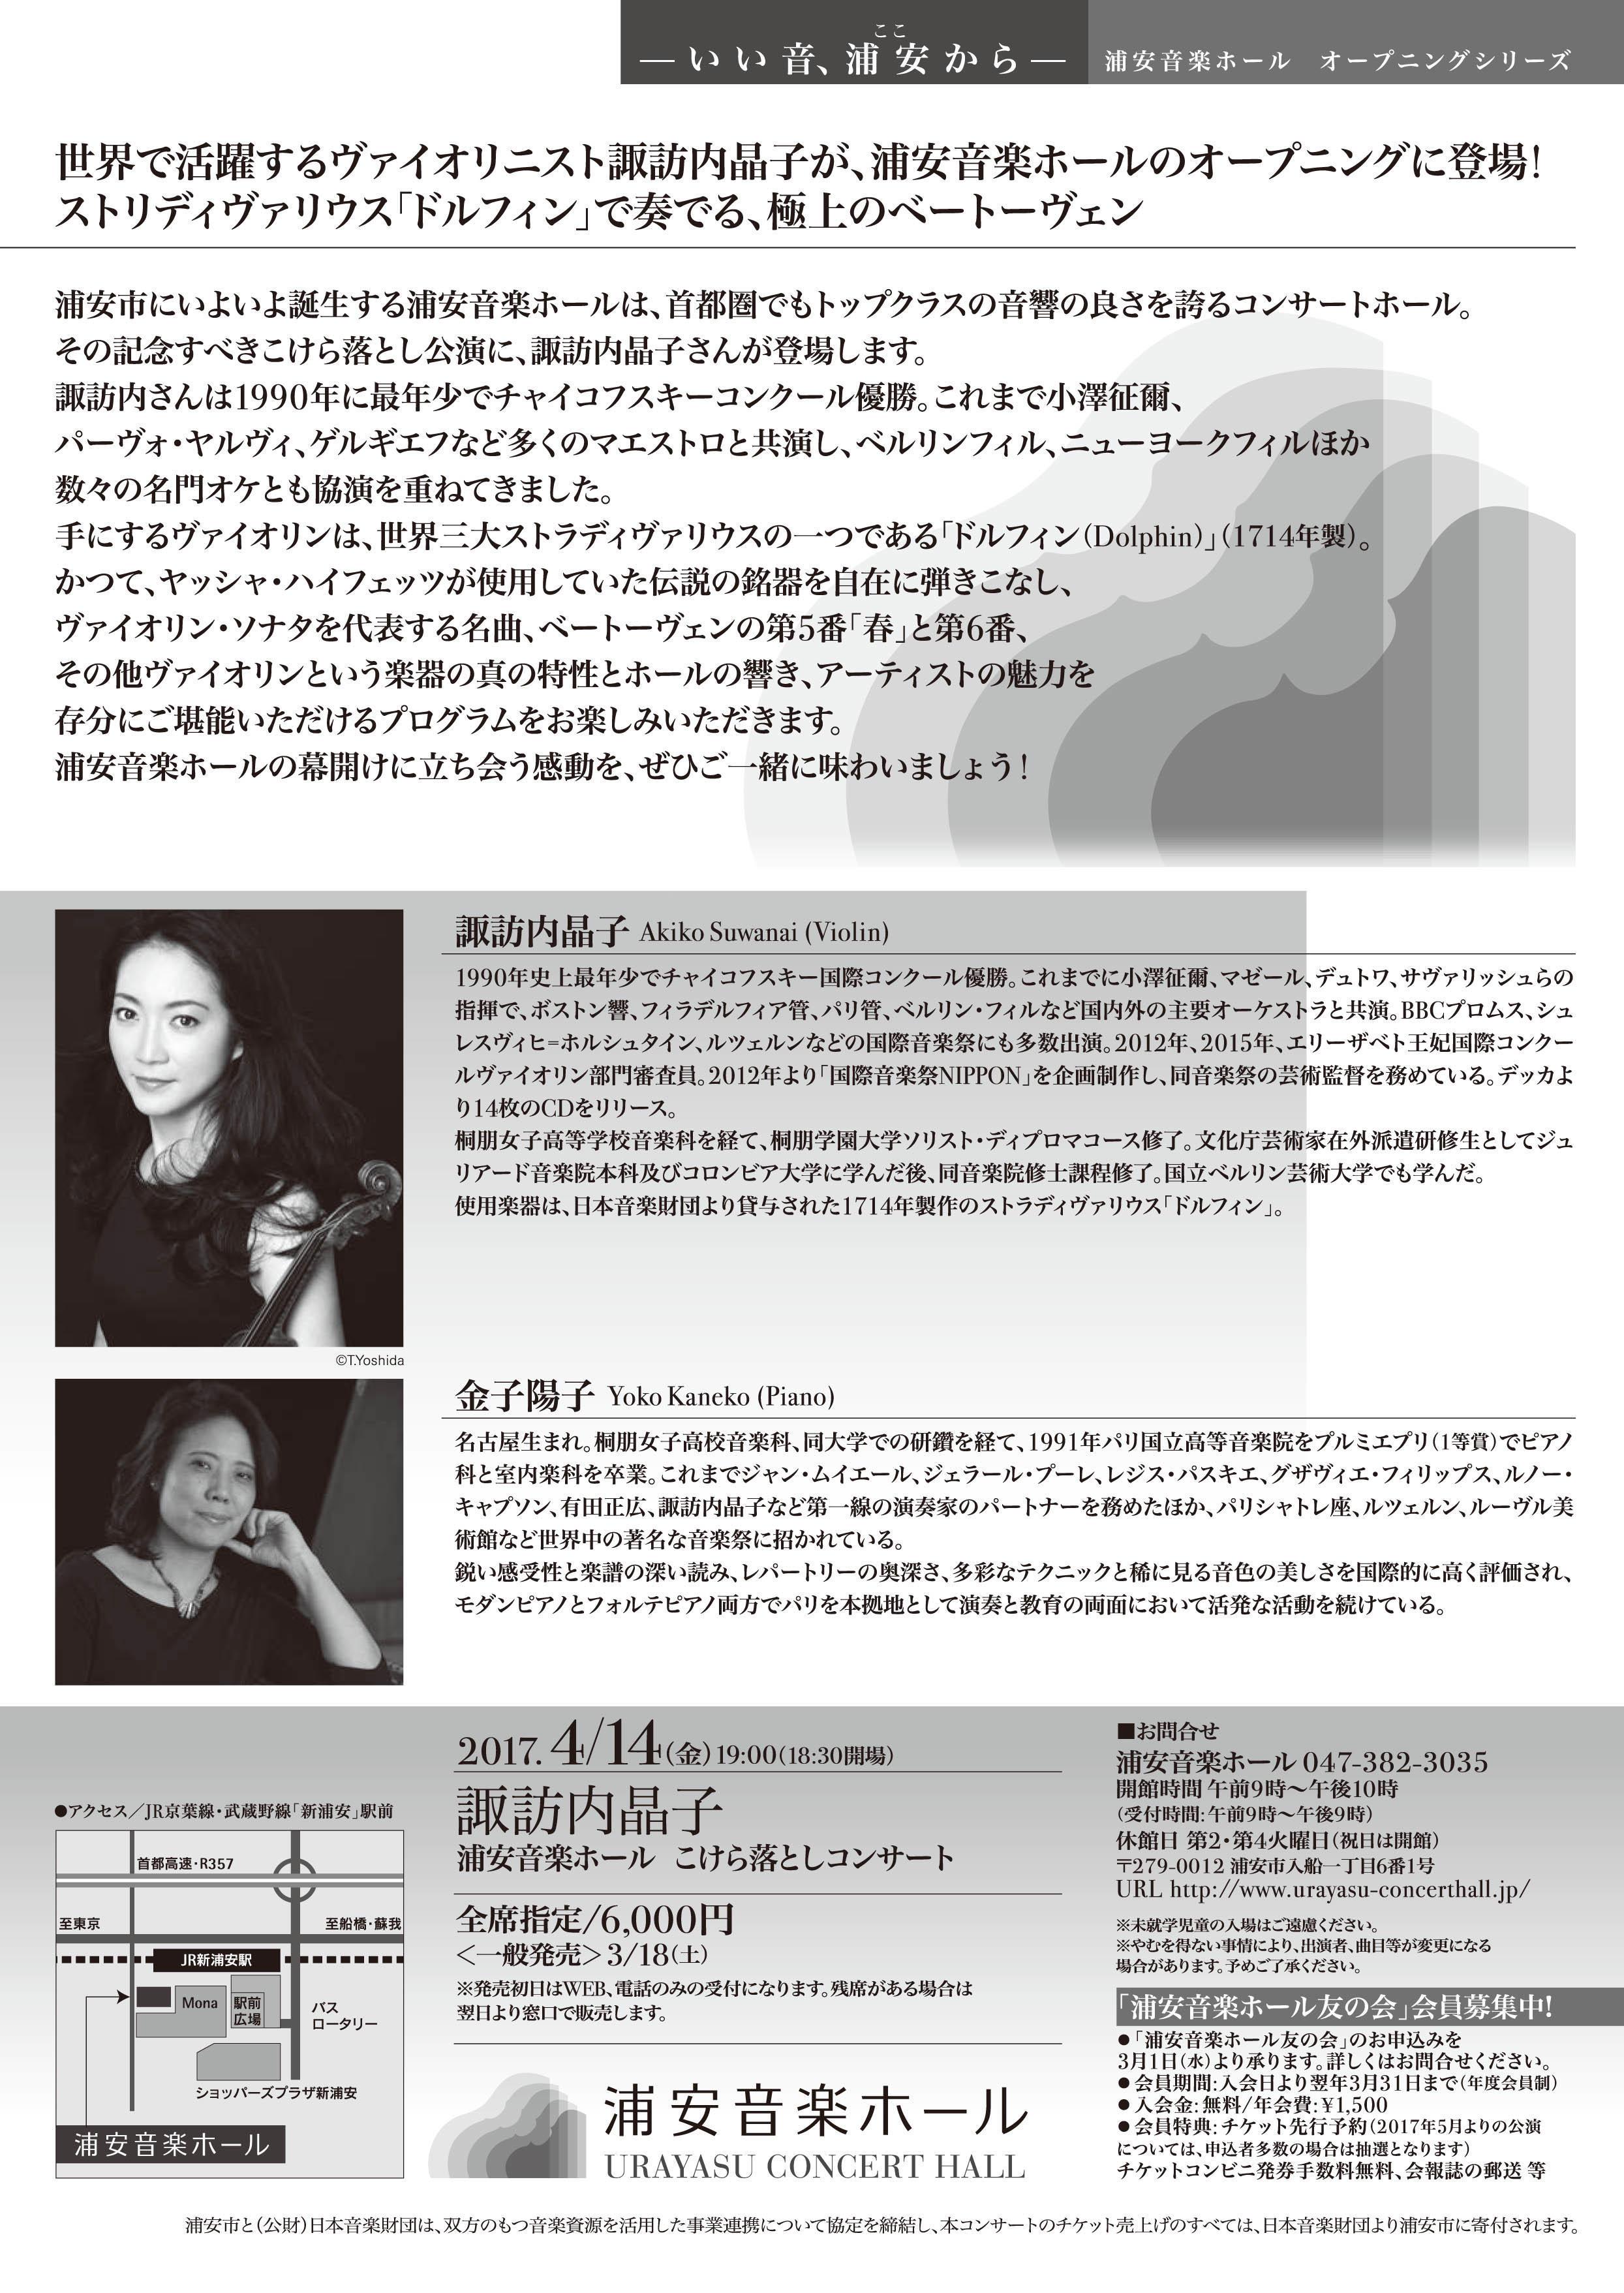 https://www.nmf.or.jp/news/c456a7991fbf02a28e239673e81c40fb9cf392b0.jpg